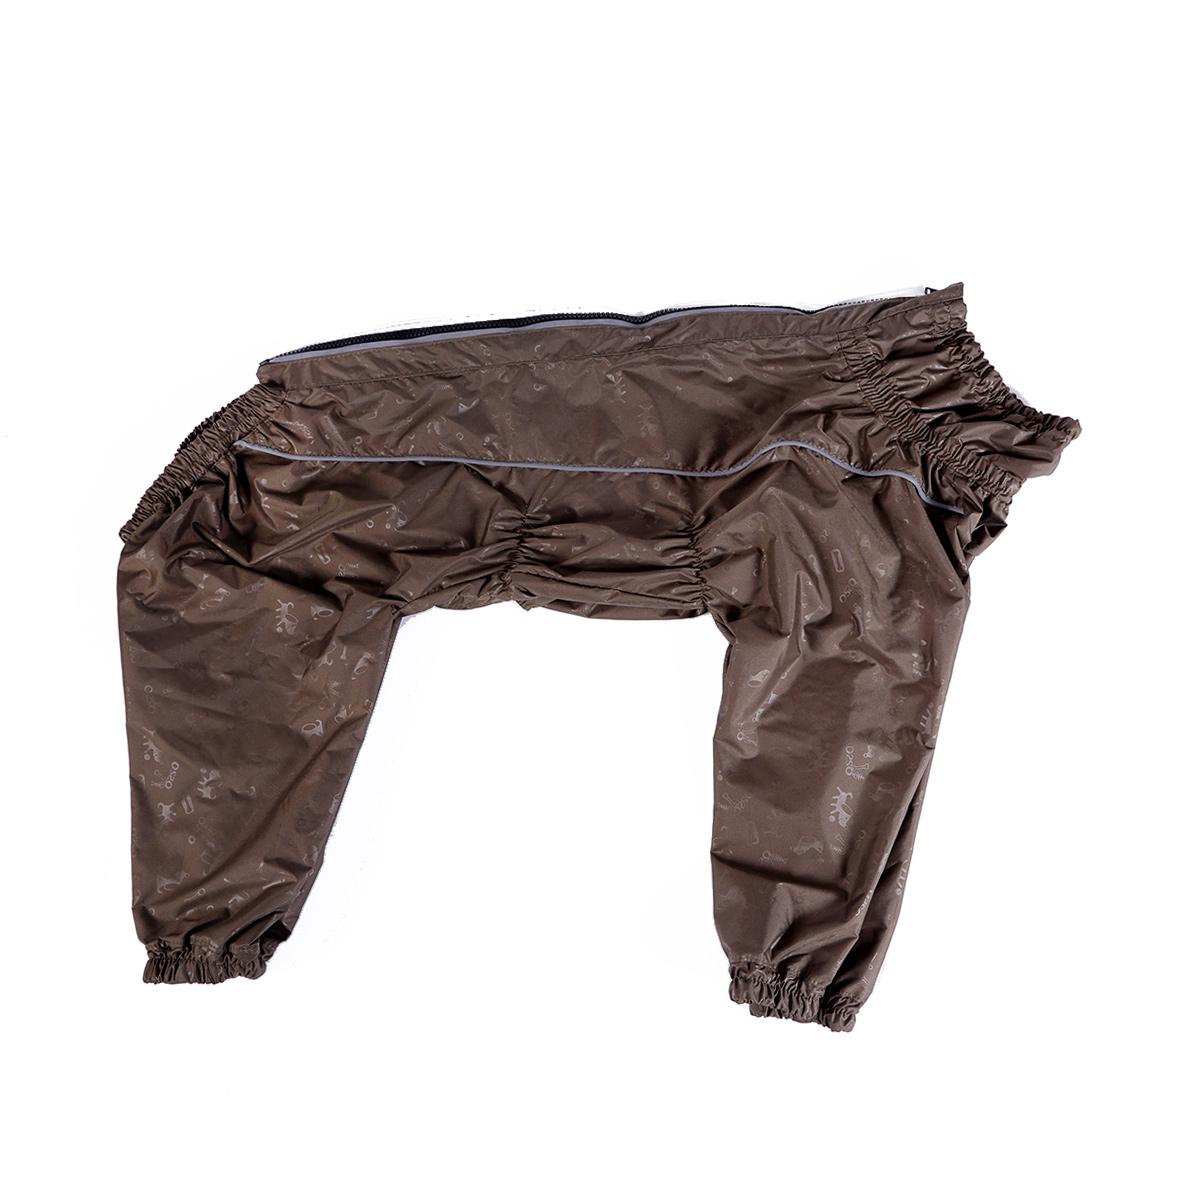 Комбинезон для собак OSSO Fashion, для мальчика, цвет: хаки. Размер 600120710Комбинезон для собак без подкладки из водоотталкивающей и ветрозащитной ткани (100% полиэстер).Предназначен для прогулок в межсезонье, в сырую погоду для защиты собаки от грязи и воды.В комбинезоне используется отделка со светоотражающим кантом и тракторная молния со светоотражающей полосой.Комбинезон для собак эргономичен, удобен, не сковывает движений собаки при беге, во время игры и при дрессировке. Комфортная посадка по корпусу достигается за счет резинок-утяжек под грудью и животом. На воротнике имеется кнопка для фиксации. От попадания воды и грязи внутрь комбинезона низ штанин также сборен на резинку.Рекомендуется машинная стирка с использованием средства для стирки деликатных тканей при температуре не выше 40?С и загрузке барабана не более чем на 40% от его объема, отжим при скорости не более 400/500 об/мин, сушка на воздухе – с целью уменьшения воздействия на водоотталкивающую (PU) пропитку ткани. Рекомендации по подбору размера: Размер подбирается по длине спины собаки. Она измеряется от холки (от места где сходятся лопатки) до основания хвоста, в стоячем положении. Предупреждение: не измеряйте длину спины от шеи, только от холки.